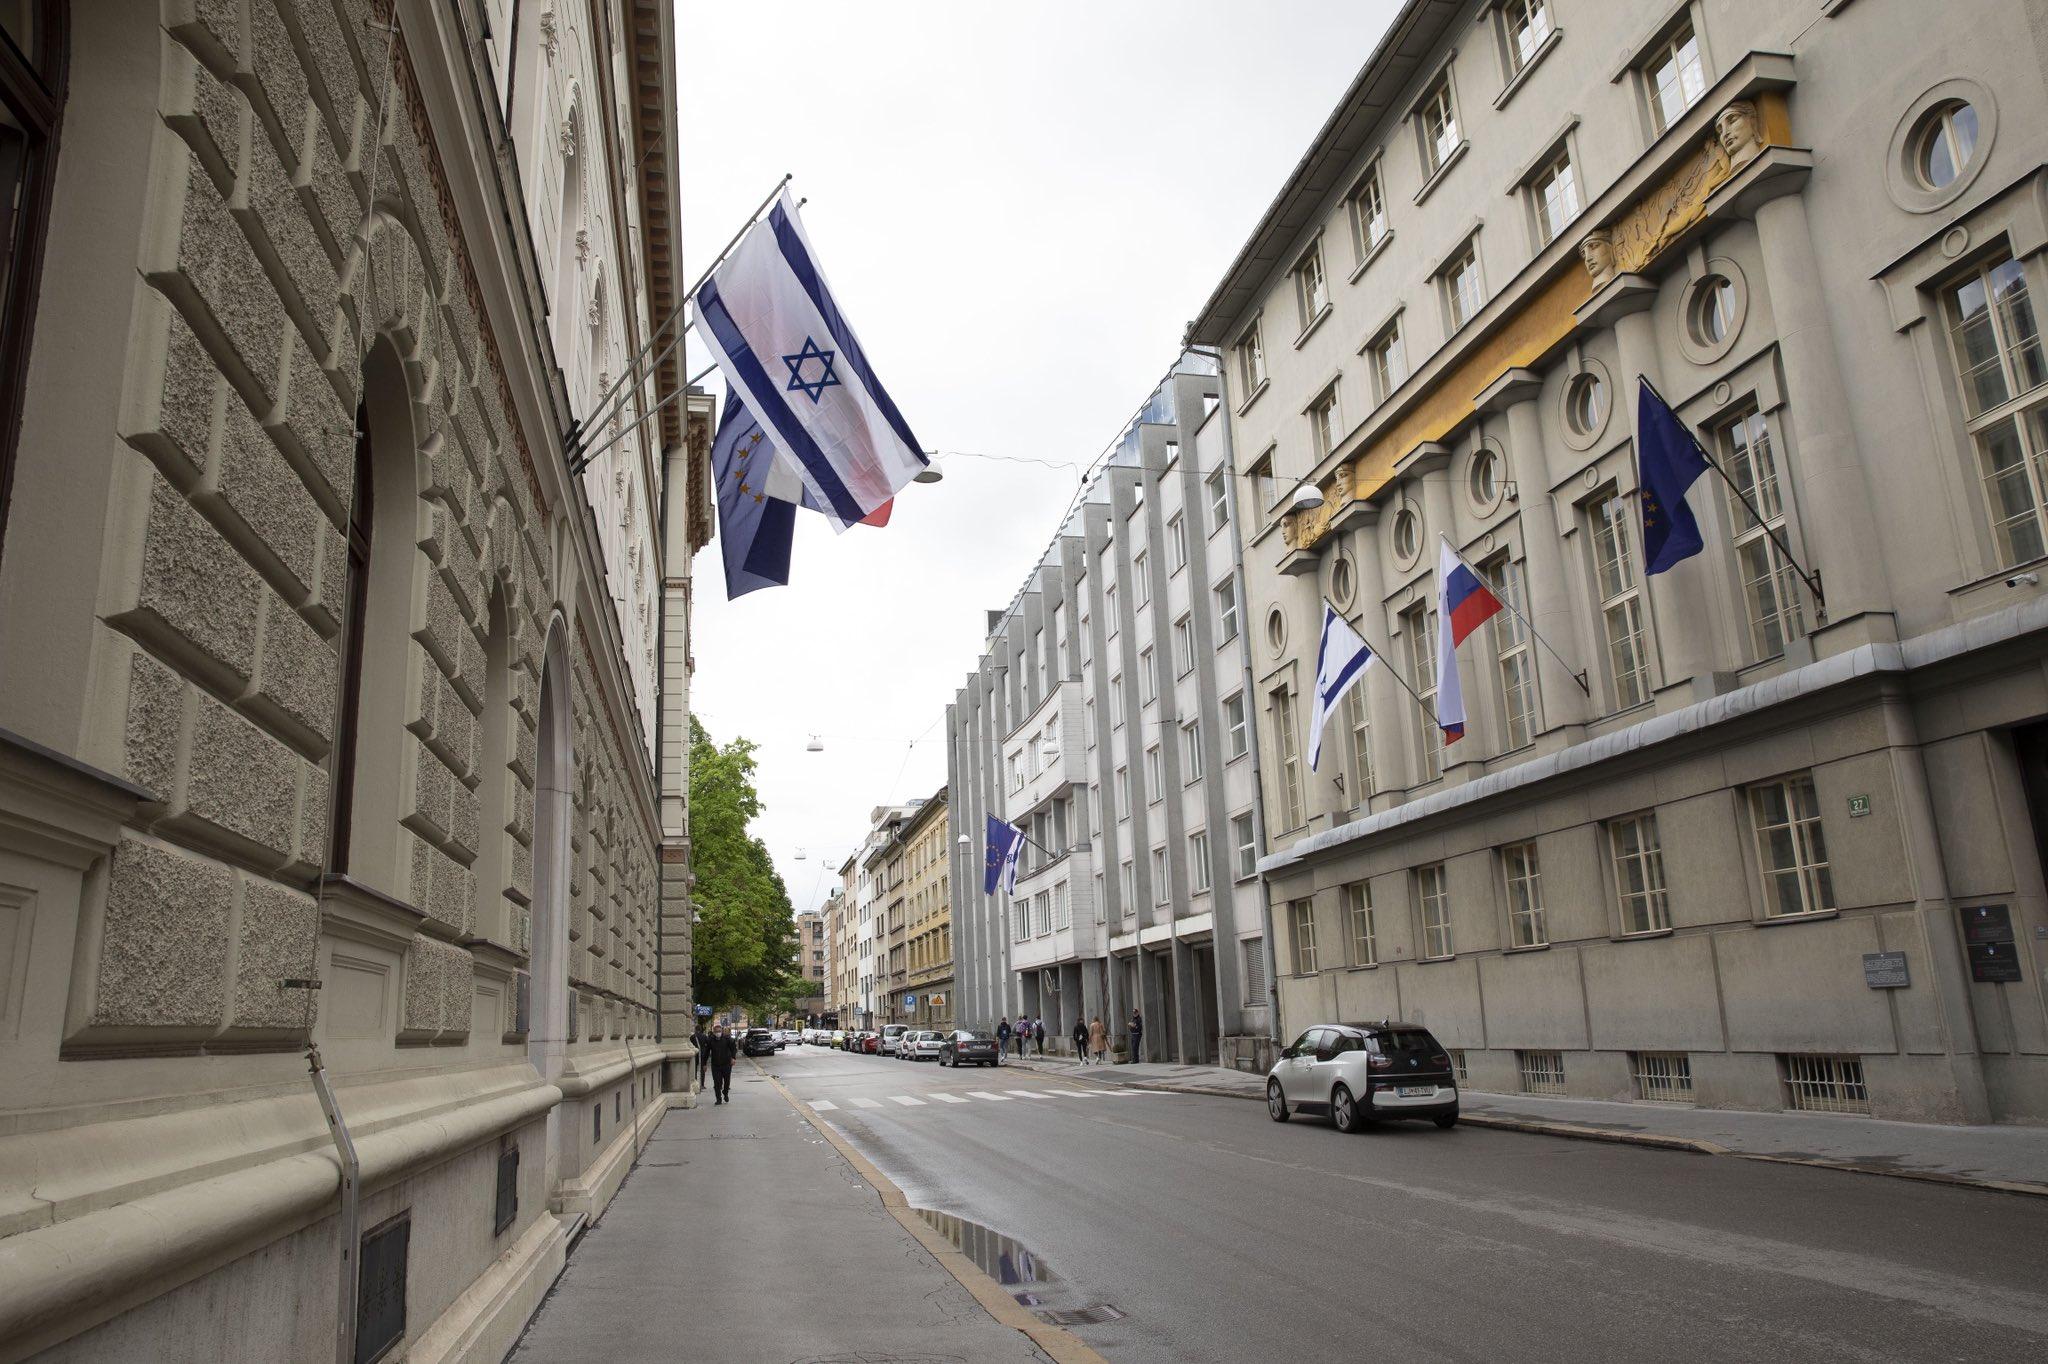 Σλοβενία: Η Μουσουλμανική κοινότητα διαμαρτύρεται για τη Ισραηλινή σημαία στο κυβερνητικό κτίριο